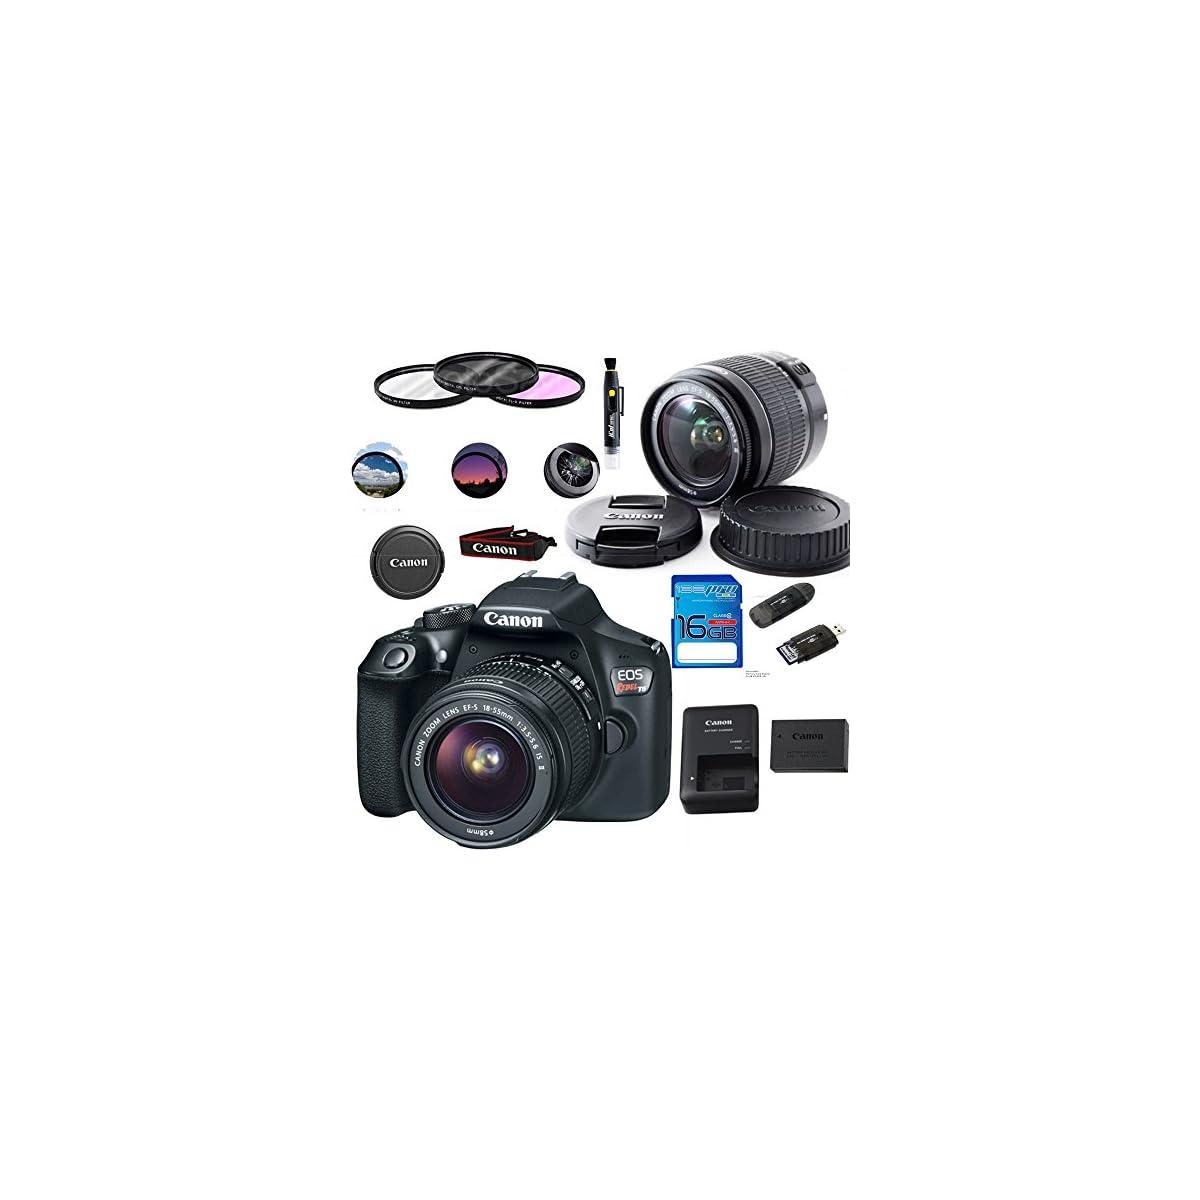 SaleProductsOffer - No.1 Best Online Store 61RRsPgDkQL Canon EOS 1300D / T6 EF-S 18-55mm 18.7MP CMOS 5184 x 3456 Pixels (Black) + Deal-Expo Basic Accessories Bundle